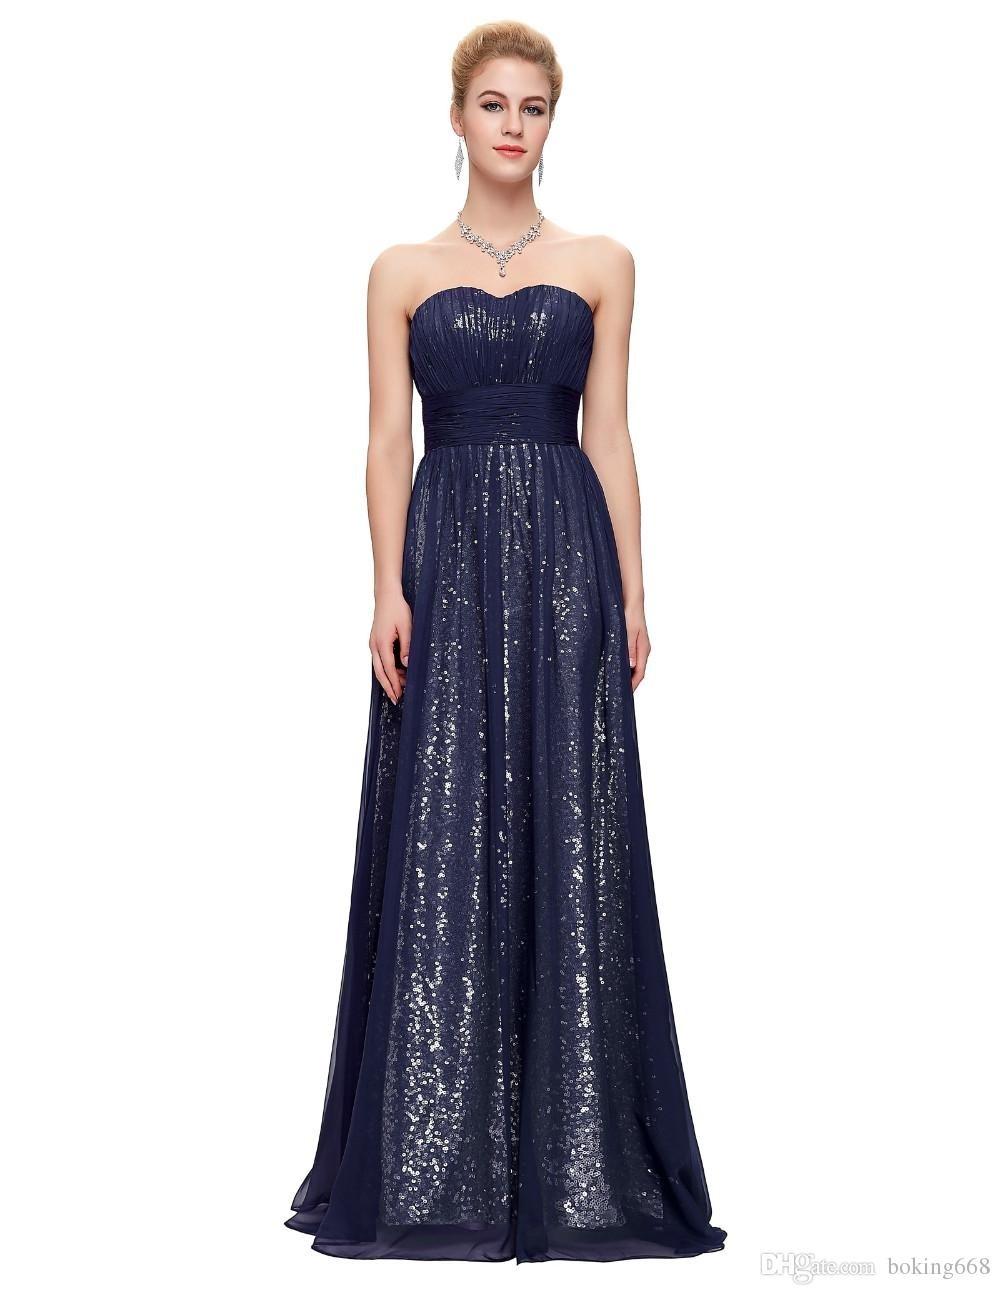 Abend Schön Abendkleider Elegant Bester Preis10 Top Abendkleider Elegant Design